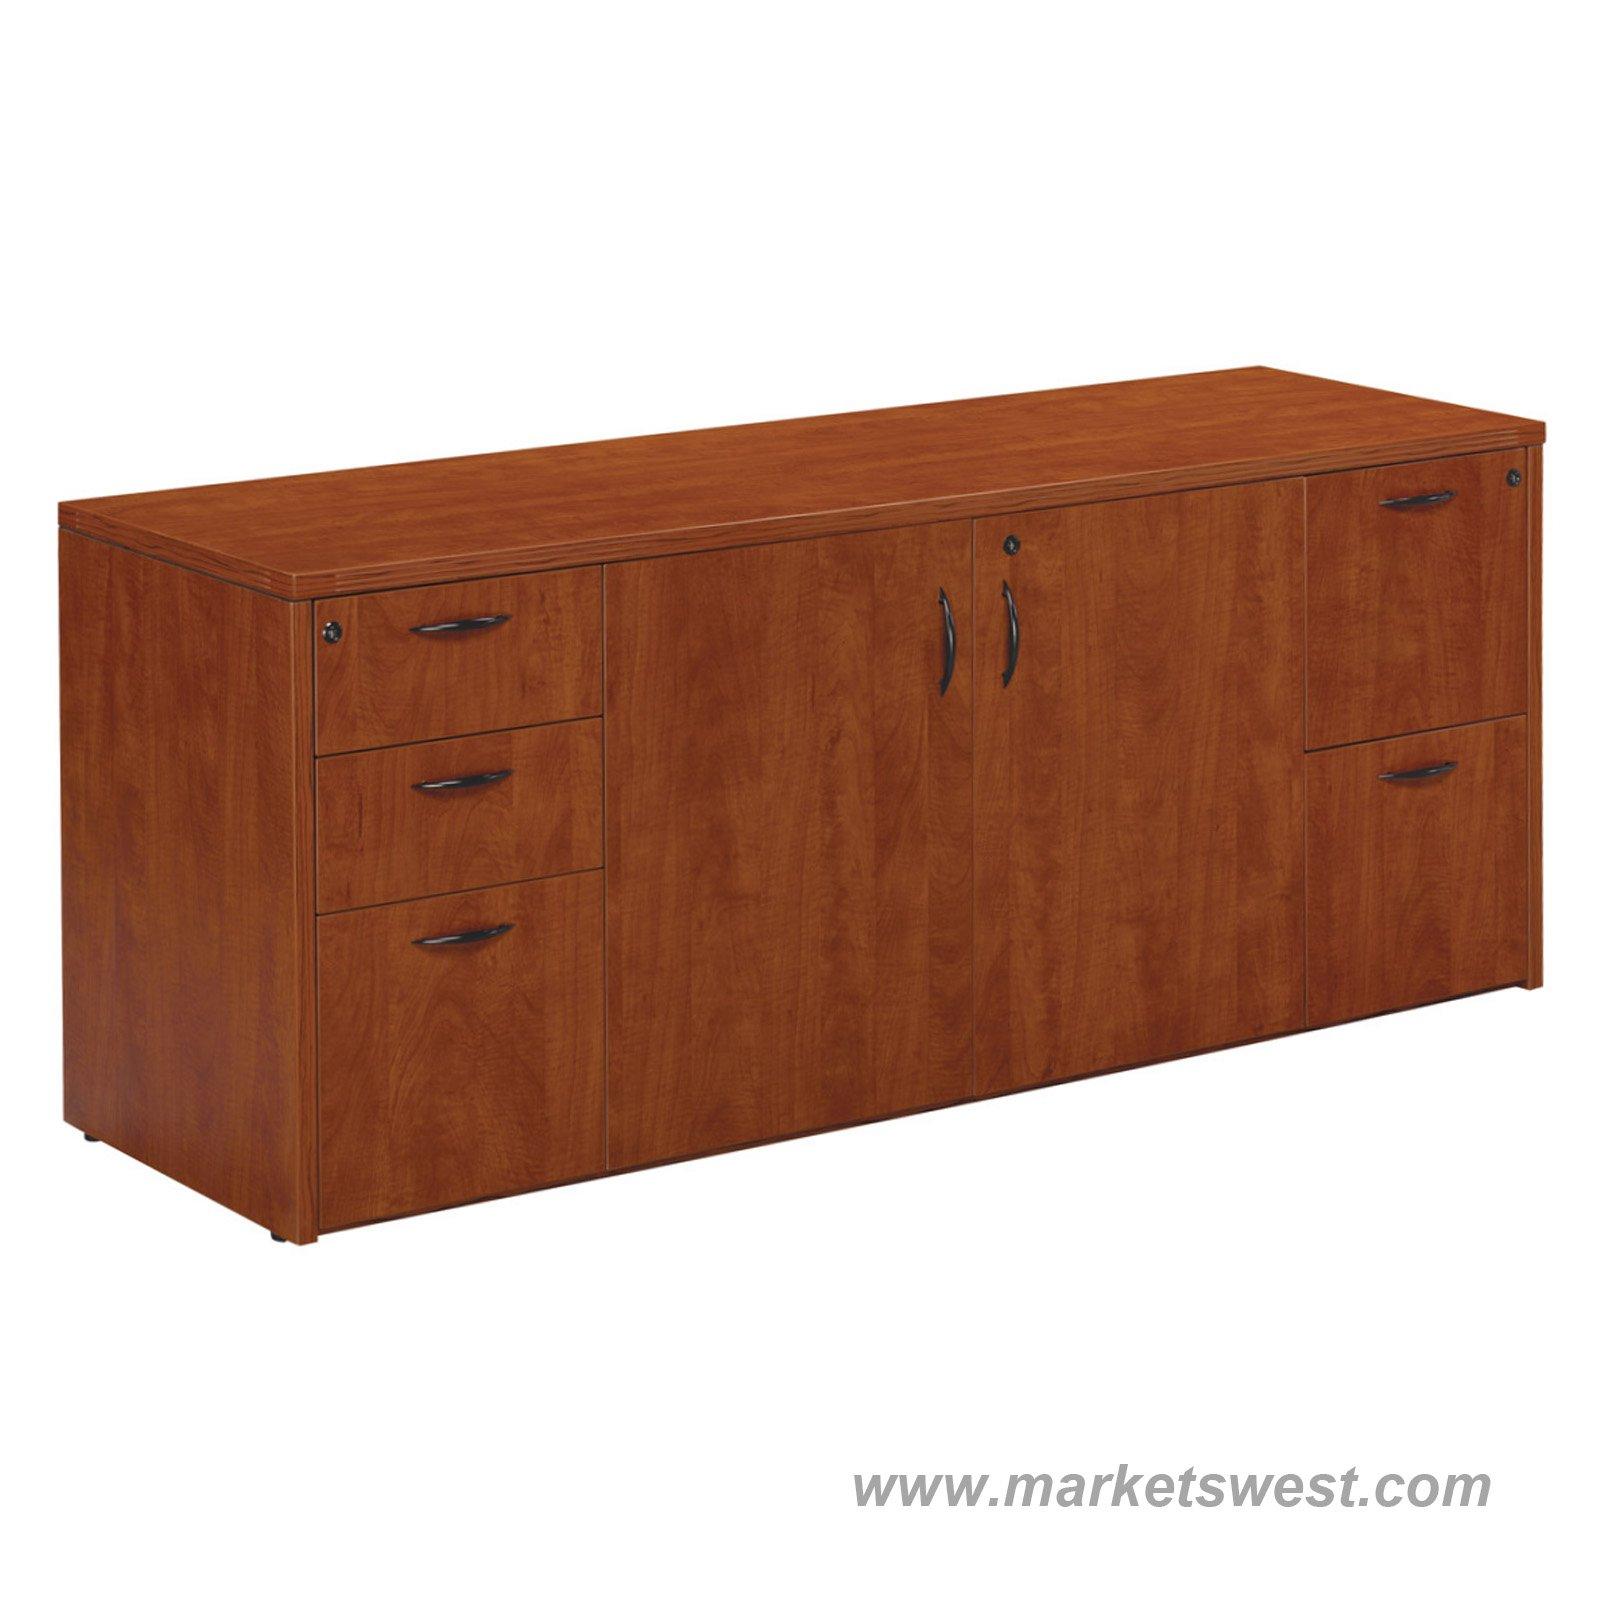 Gentil Markets West Office Furniture